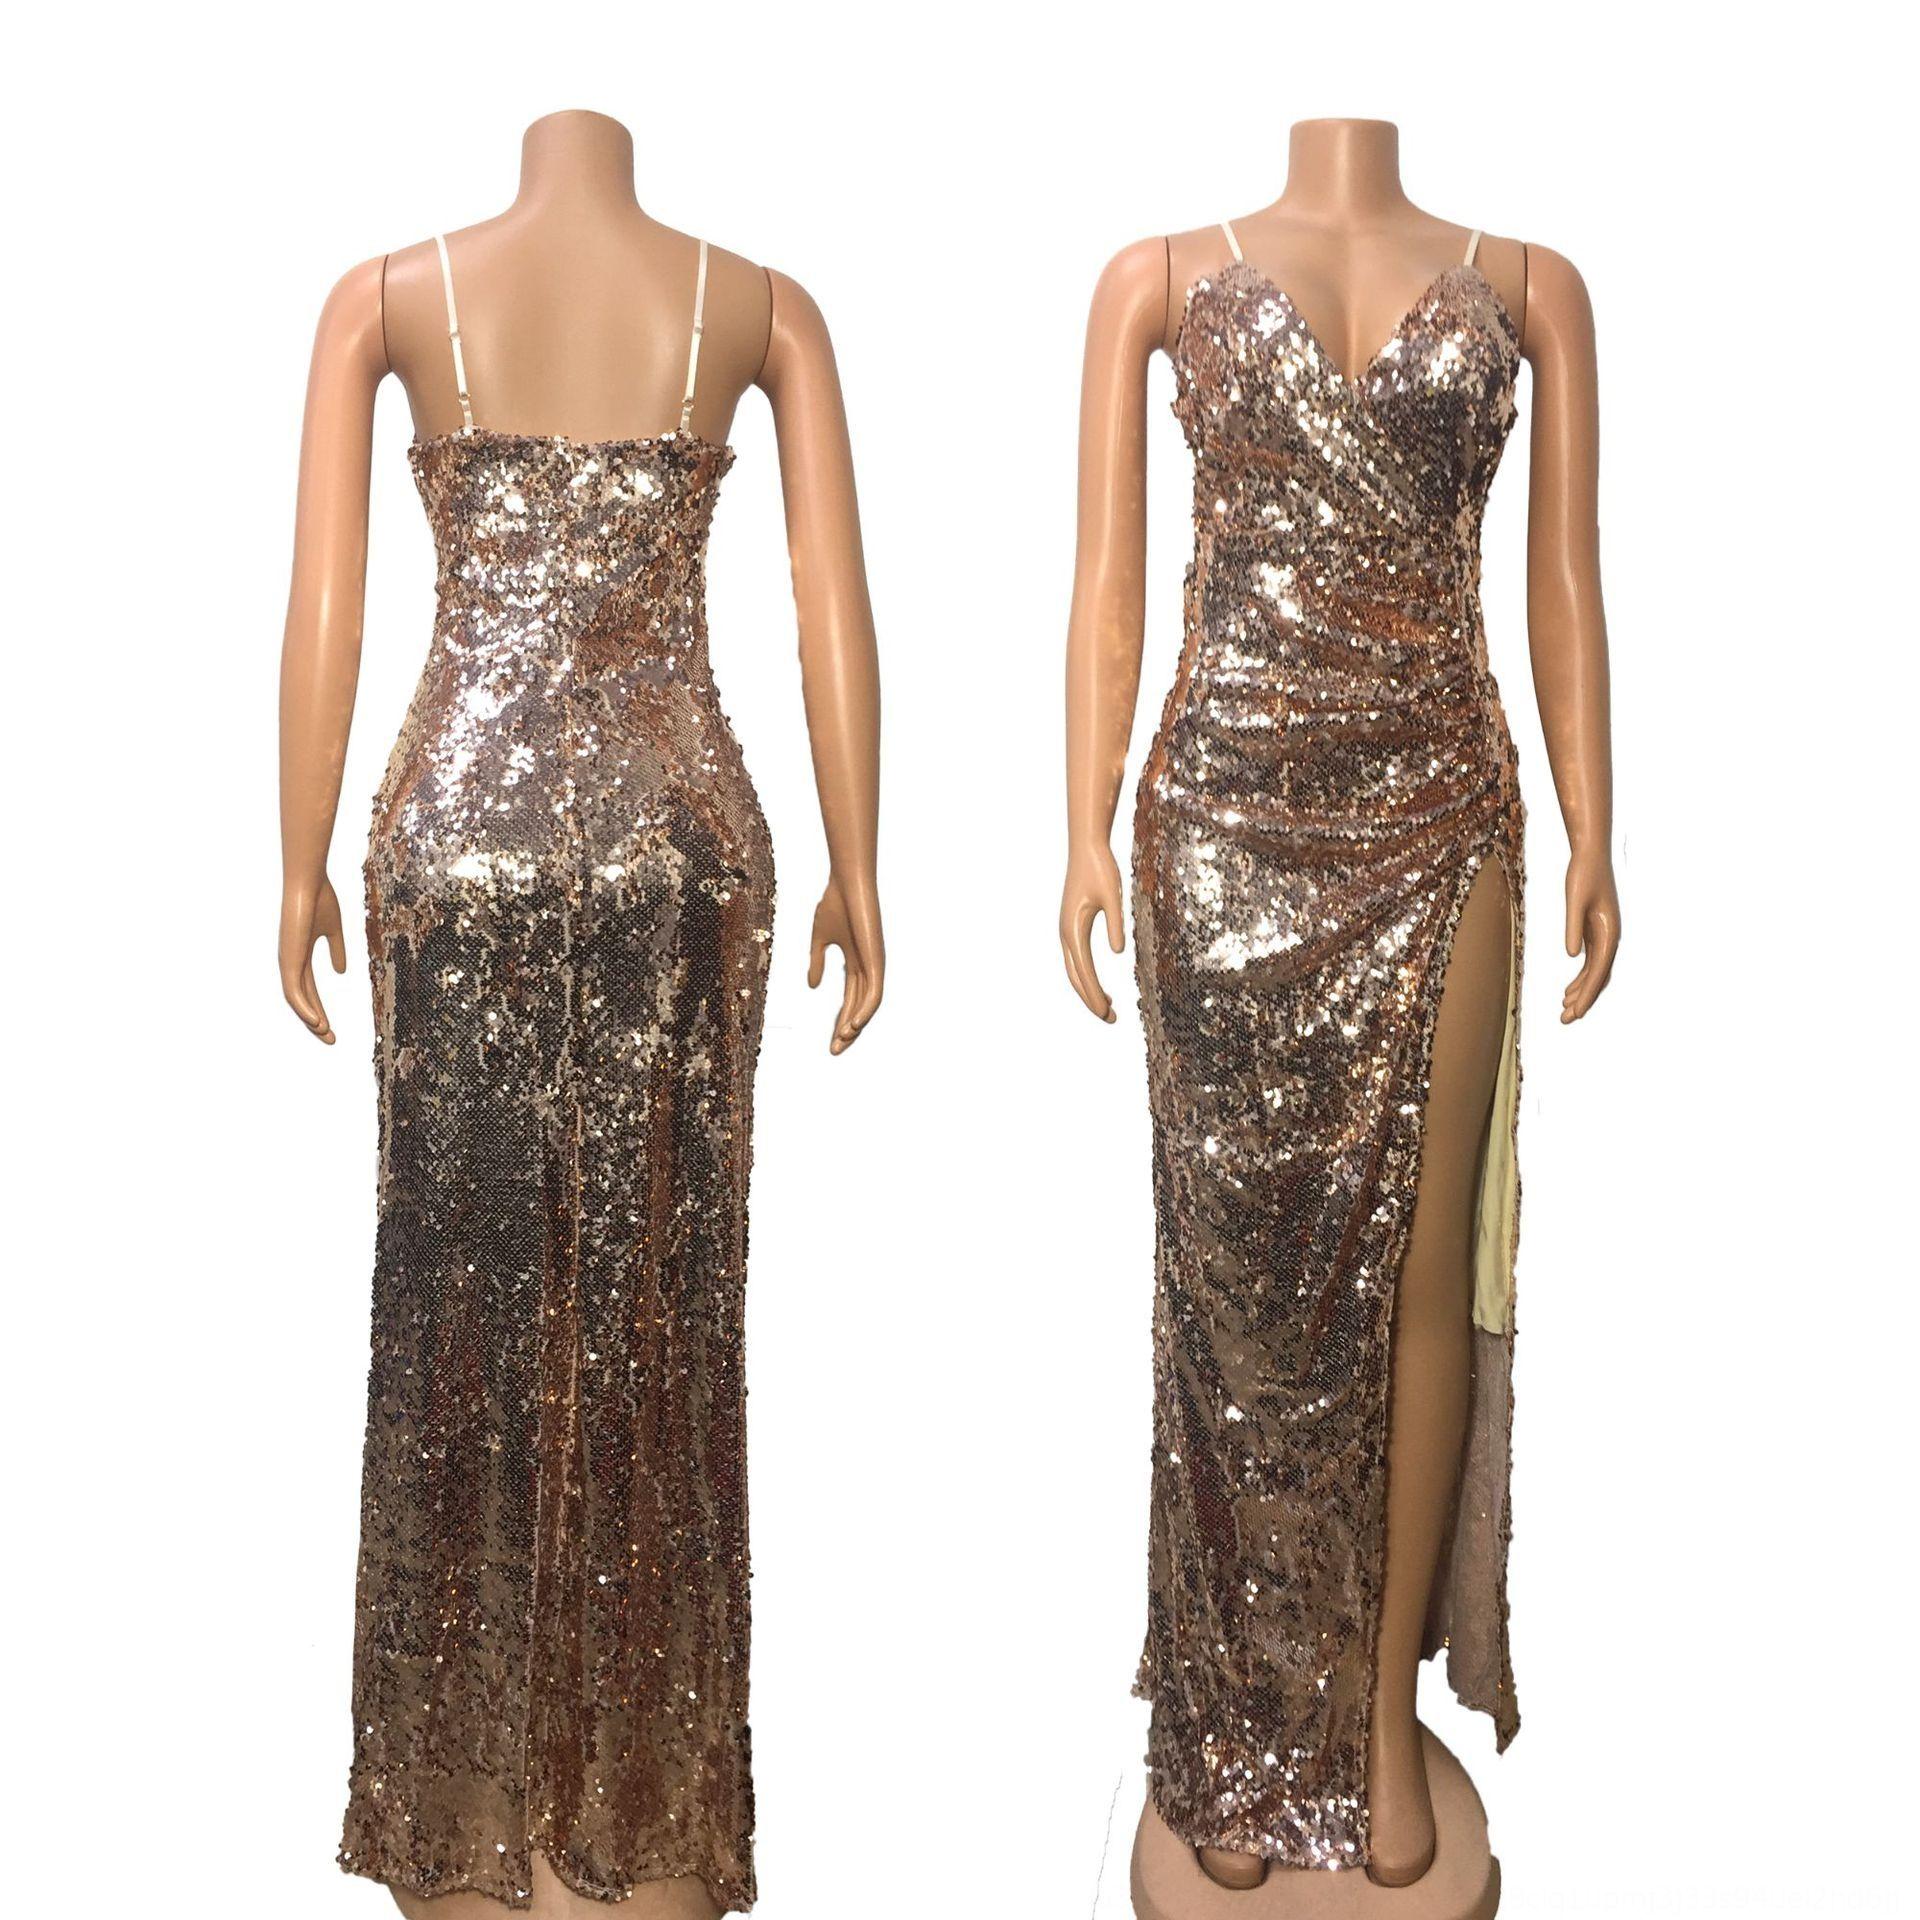 Yüksek Pullu 1069 kadın yeni seksi askı sapan Yüksek uzun elbise bölünmüş uzun 1069 kadın yeni seksi askı sapan payet elbise bölmek